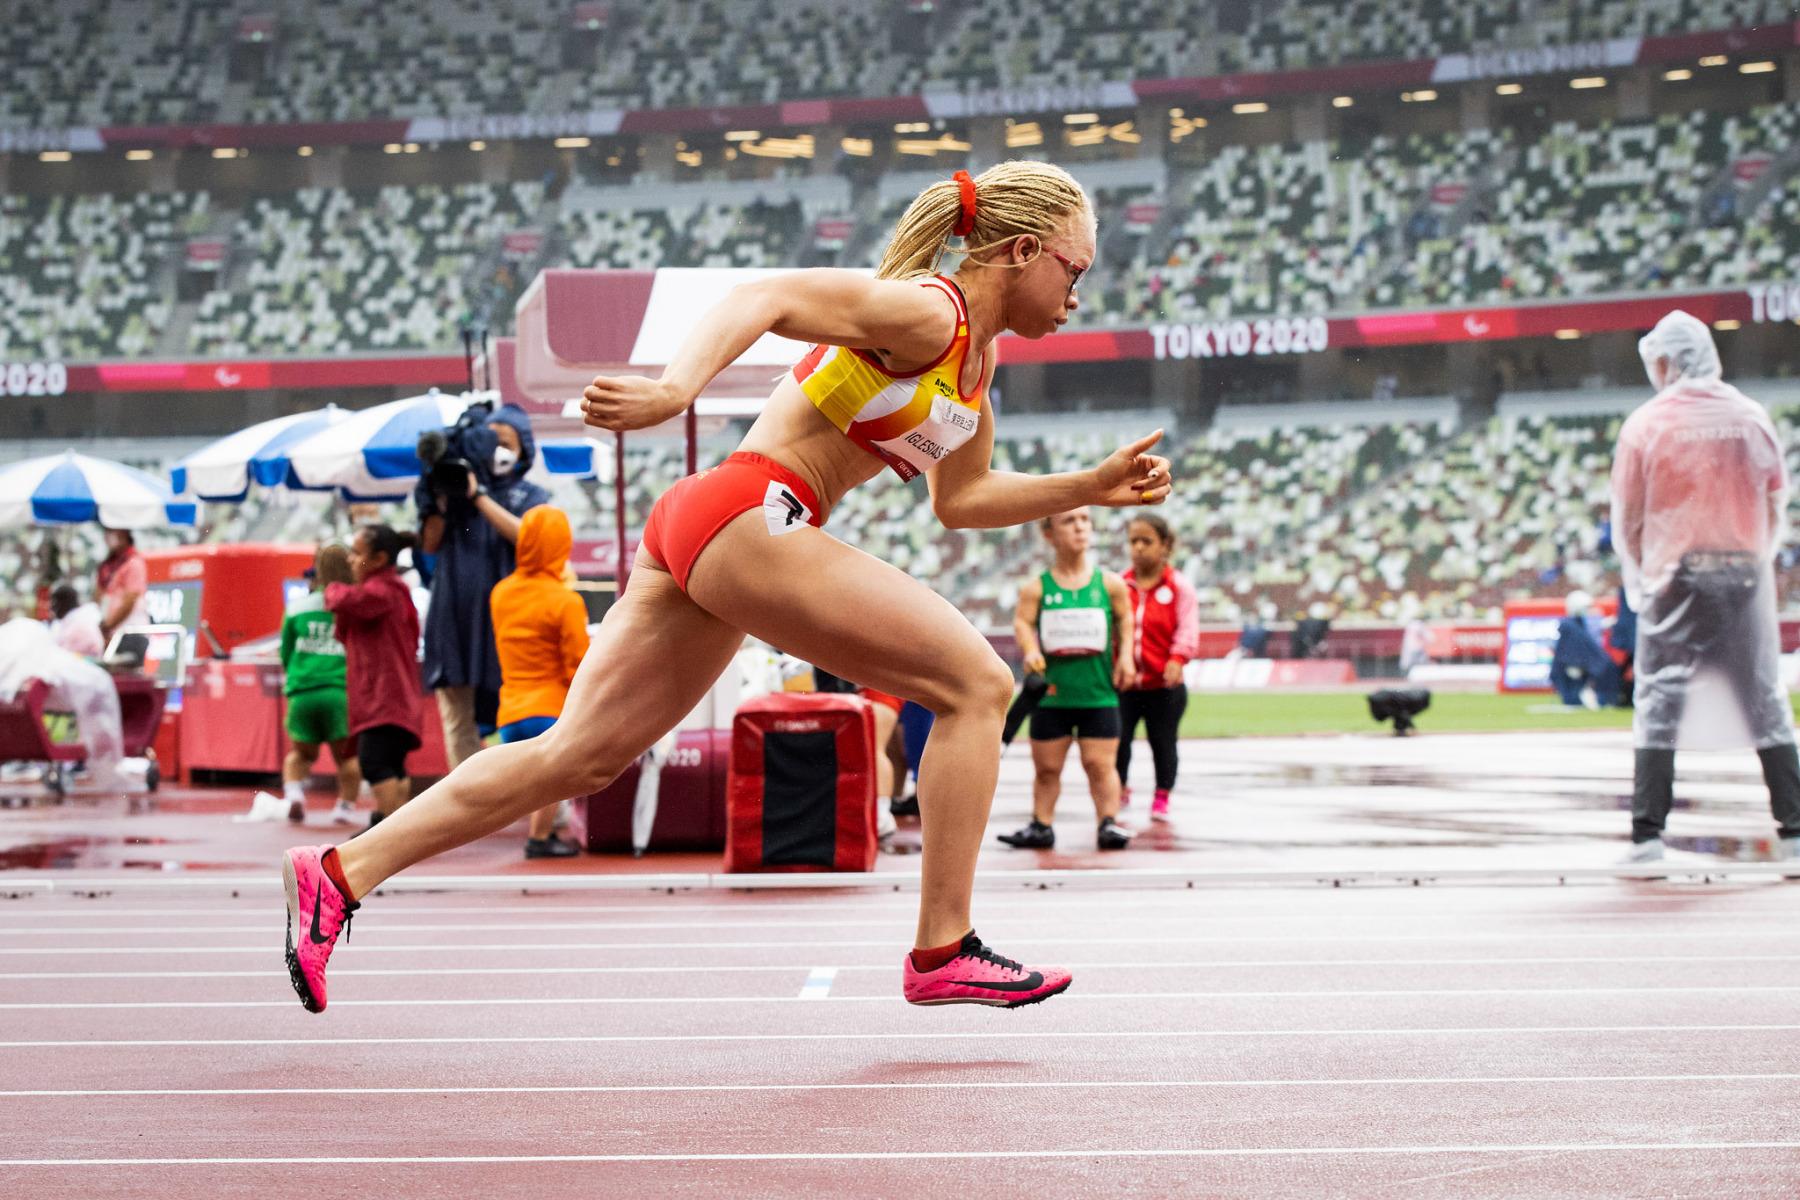 Adiaratou Iglesias, medalla de plata en los 400 m T13. Estadio Olímpico. 04/09/21. Juegos Paralímpicos Tokio 2020. ©Mikael Helsing / CPE.